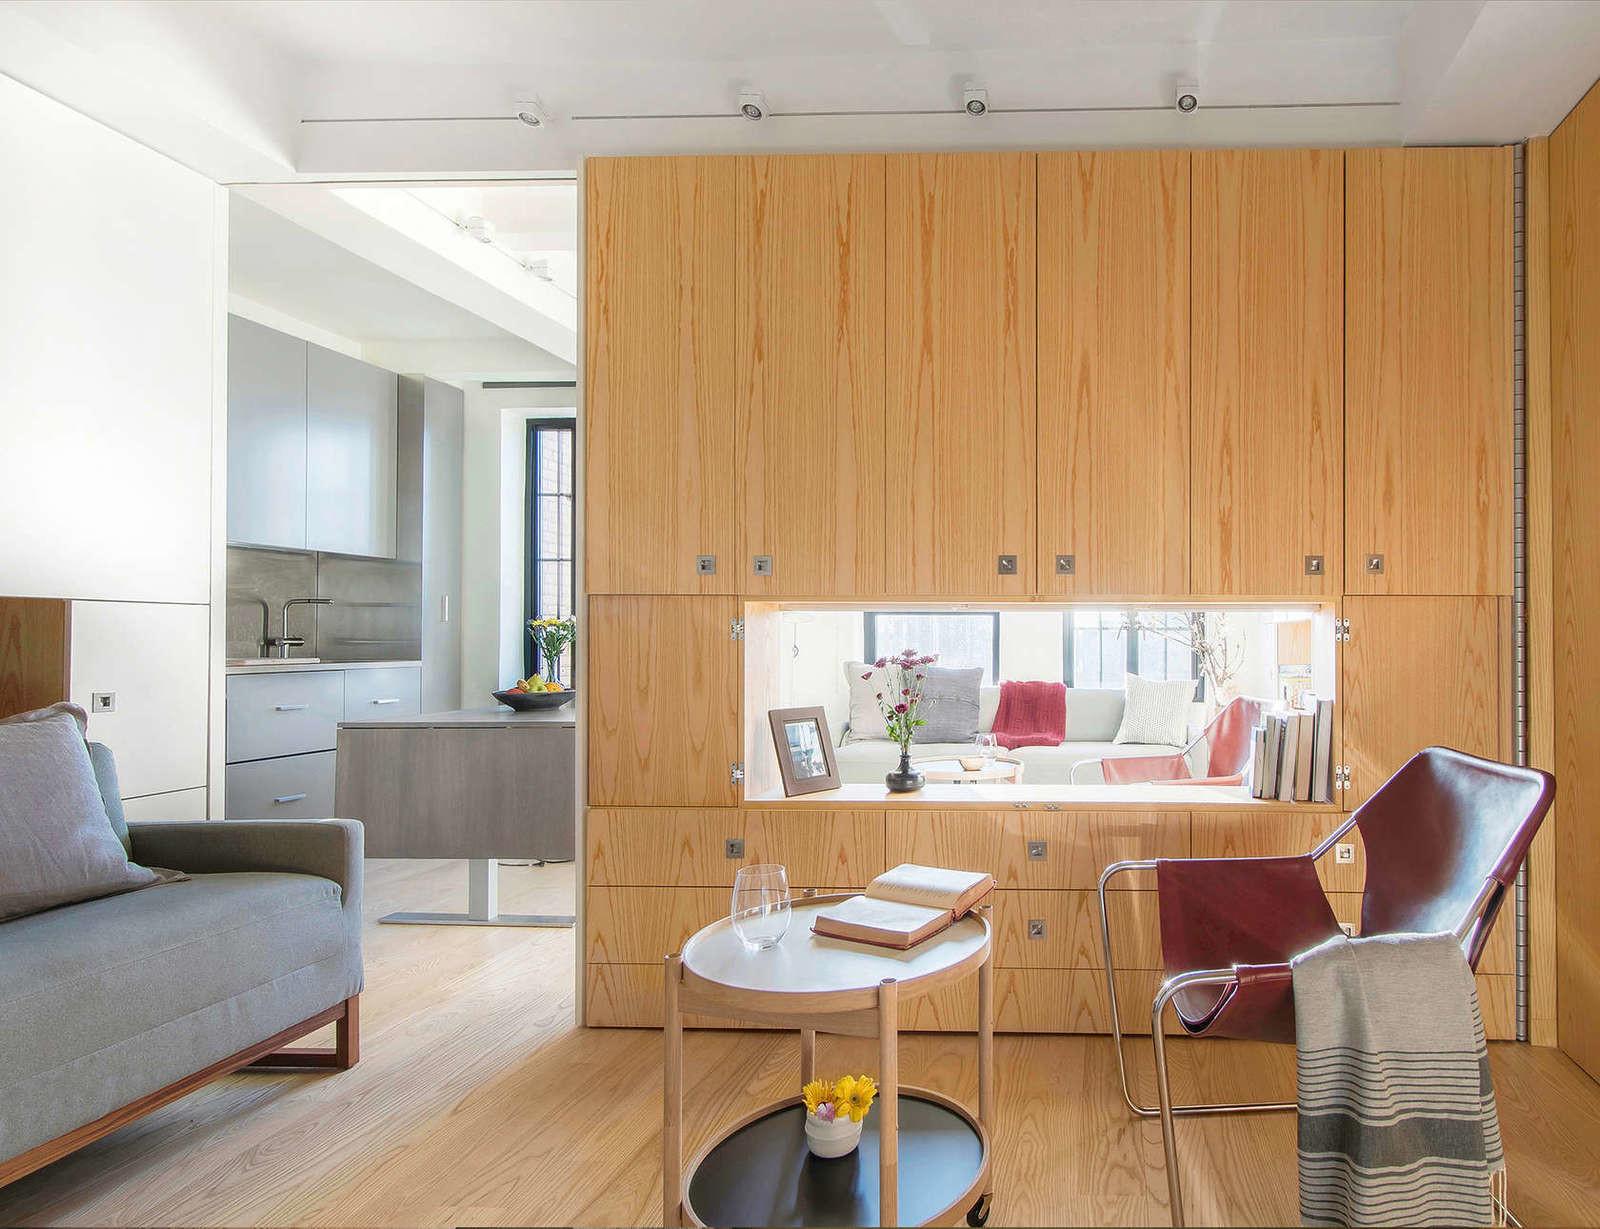 nestandarten-i-izkliuchitelno-funktsionalen-malak-apartament-37-m-1g